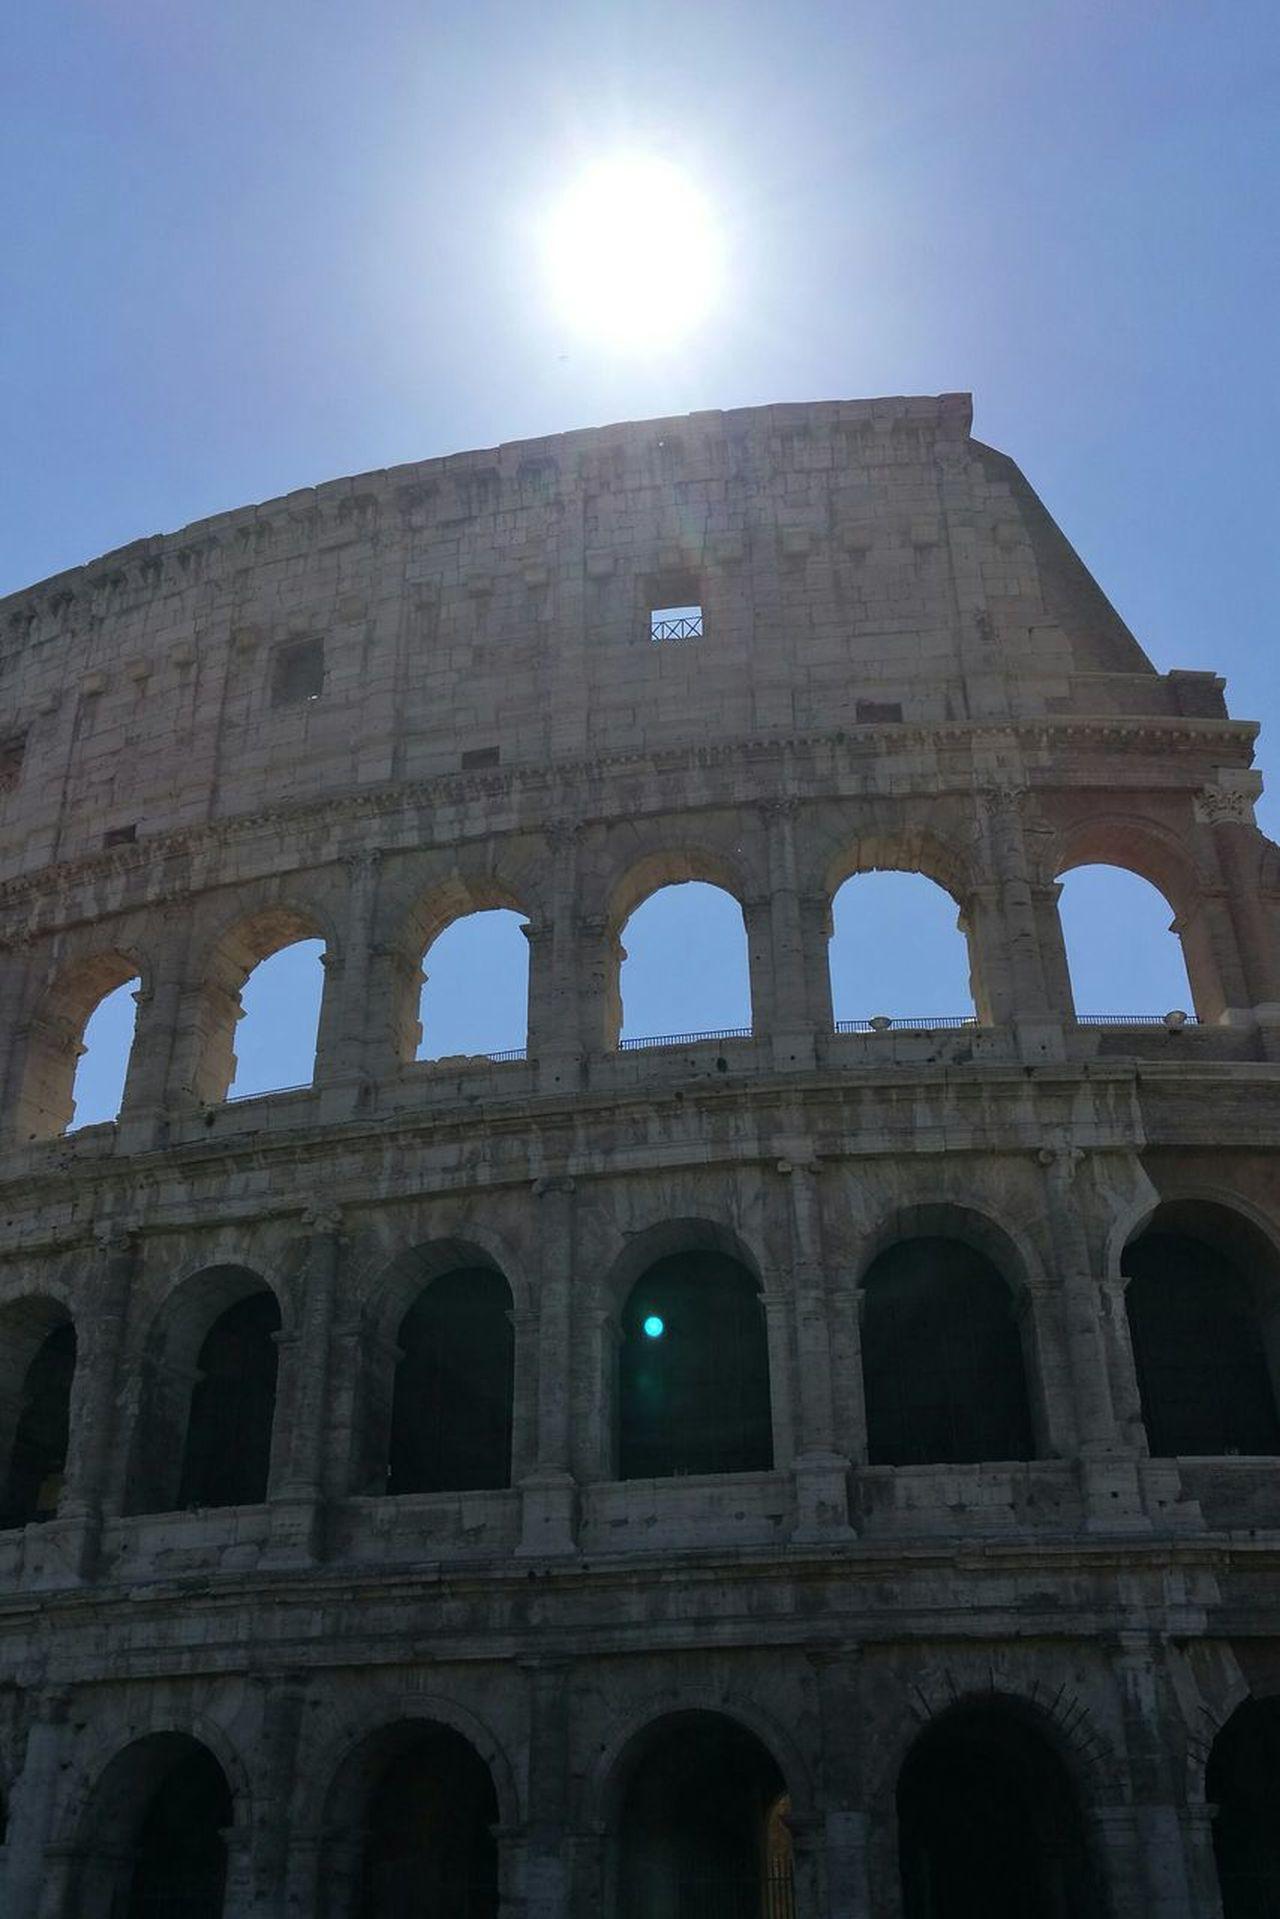 Beautiful Rome Rome Italy🇮🇹 Roman Architecture Architecture History Coliseum Rome Sun_collection